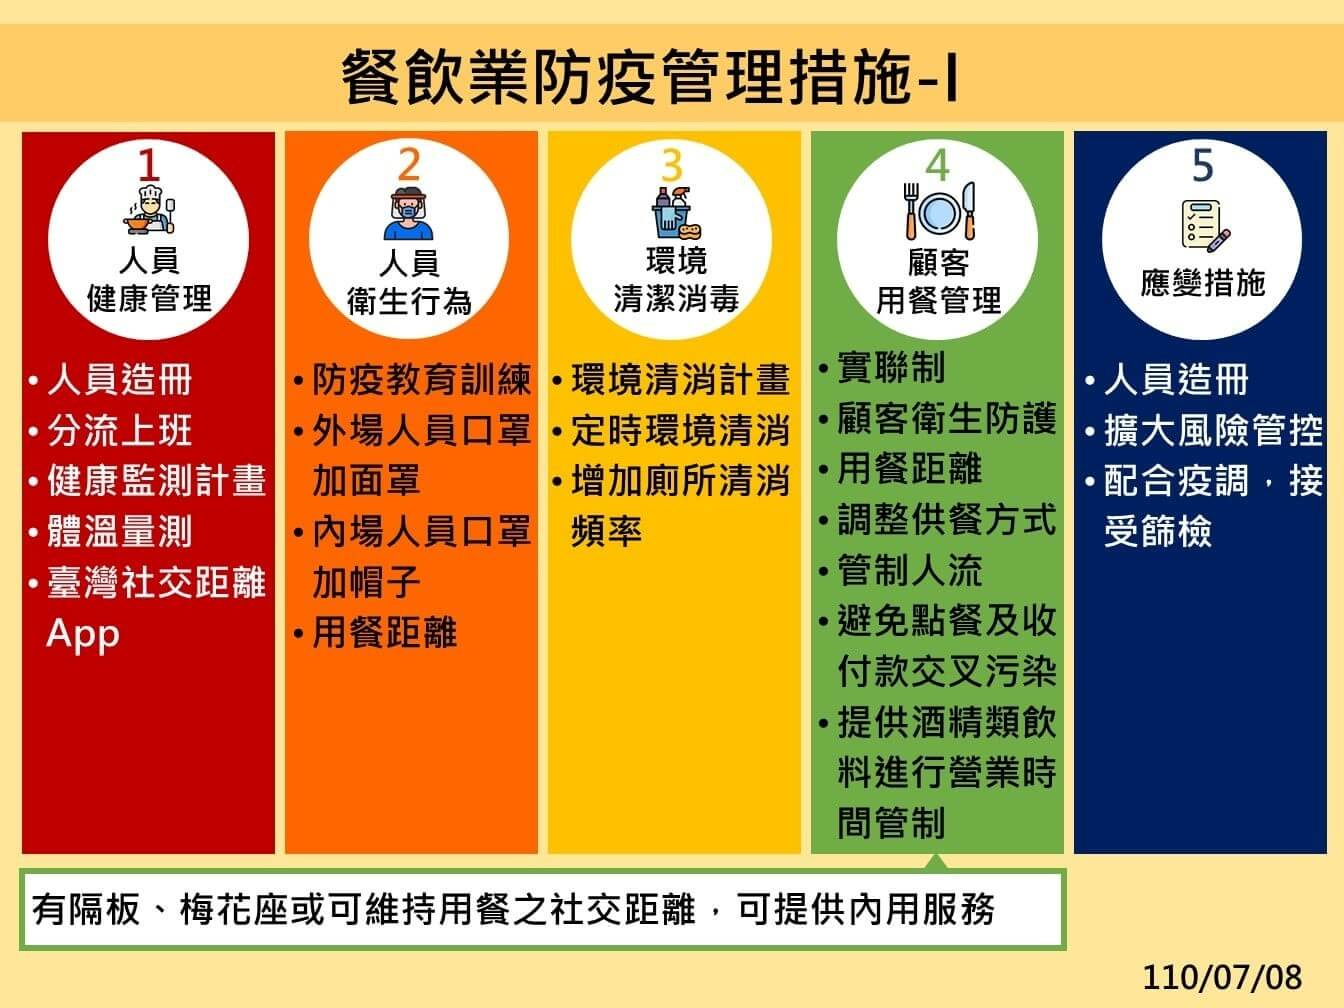 餐飲業防疫管理5大措施